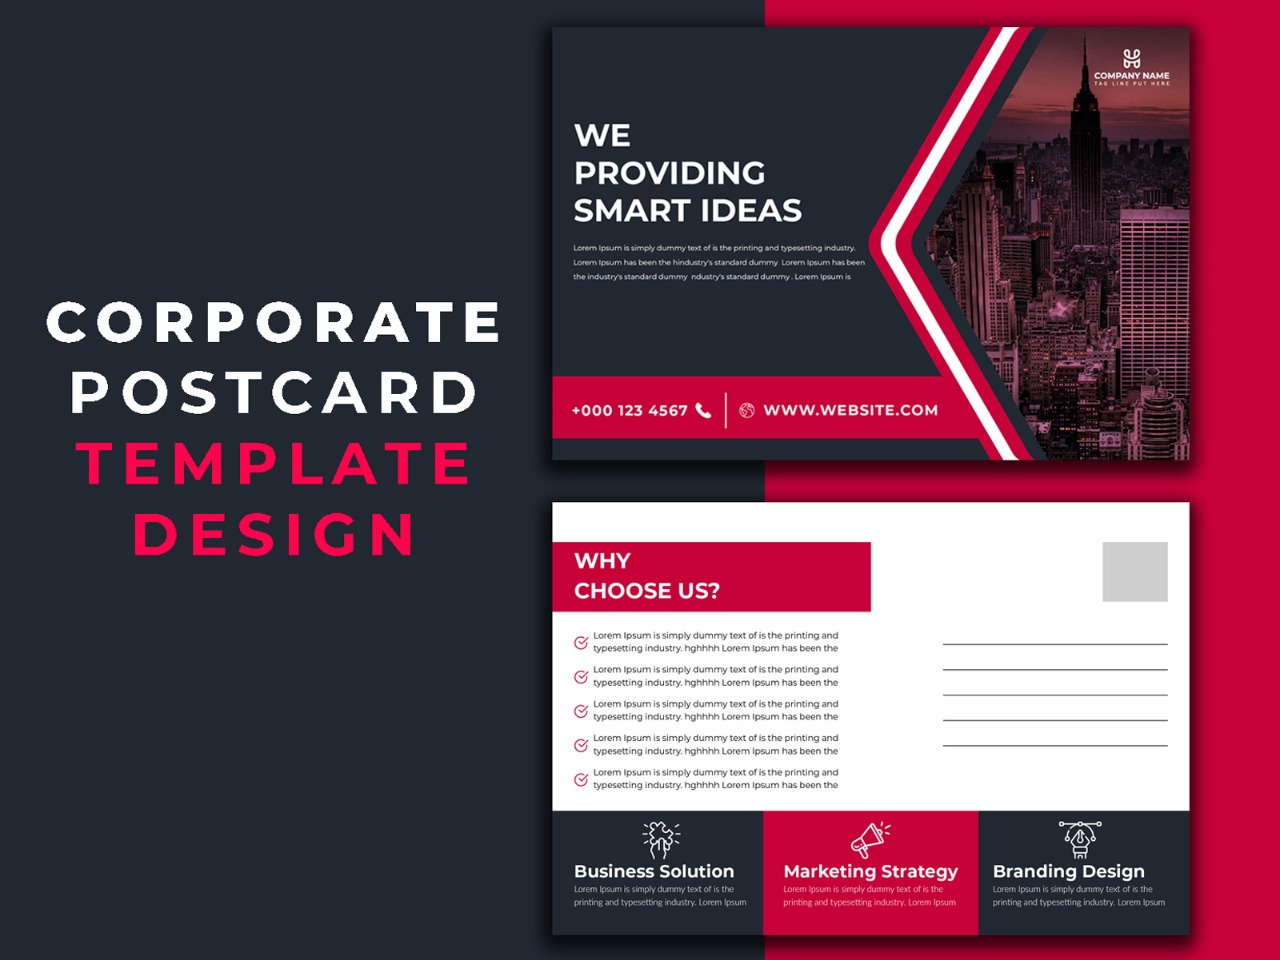 I will design real estate postcard,  eddm postcard in 24 hours